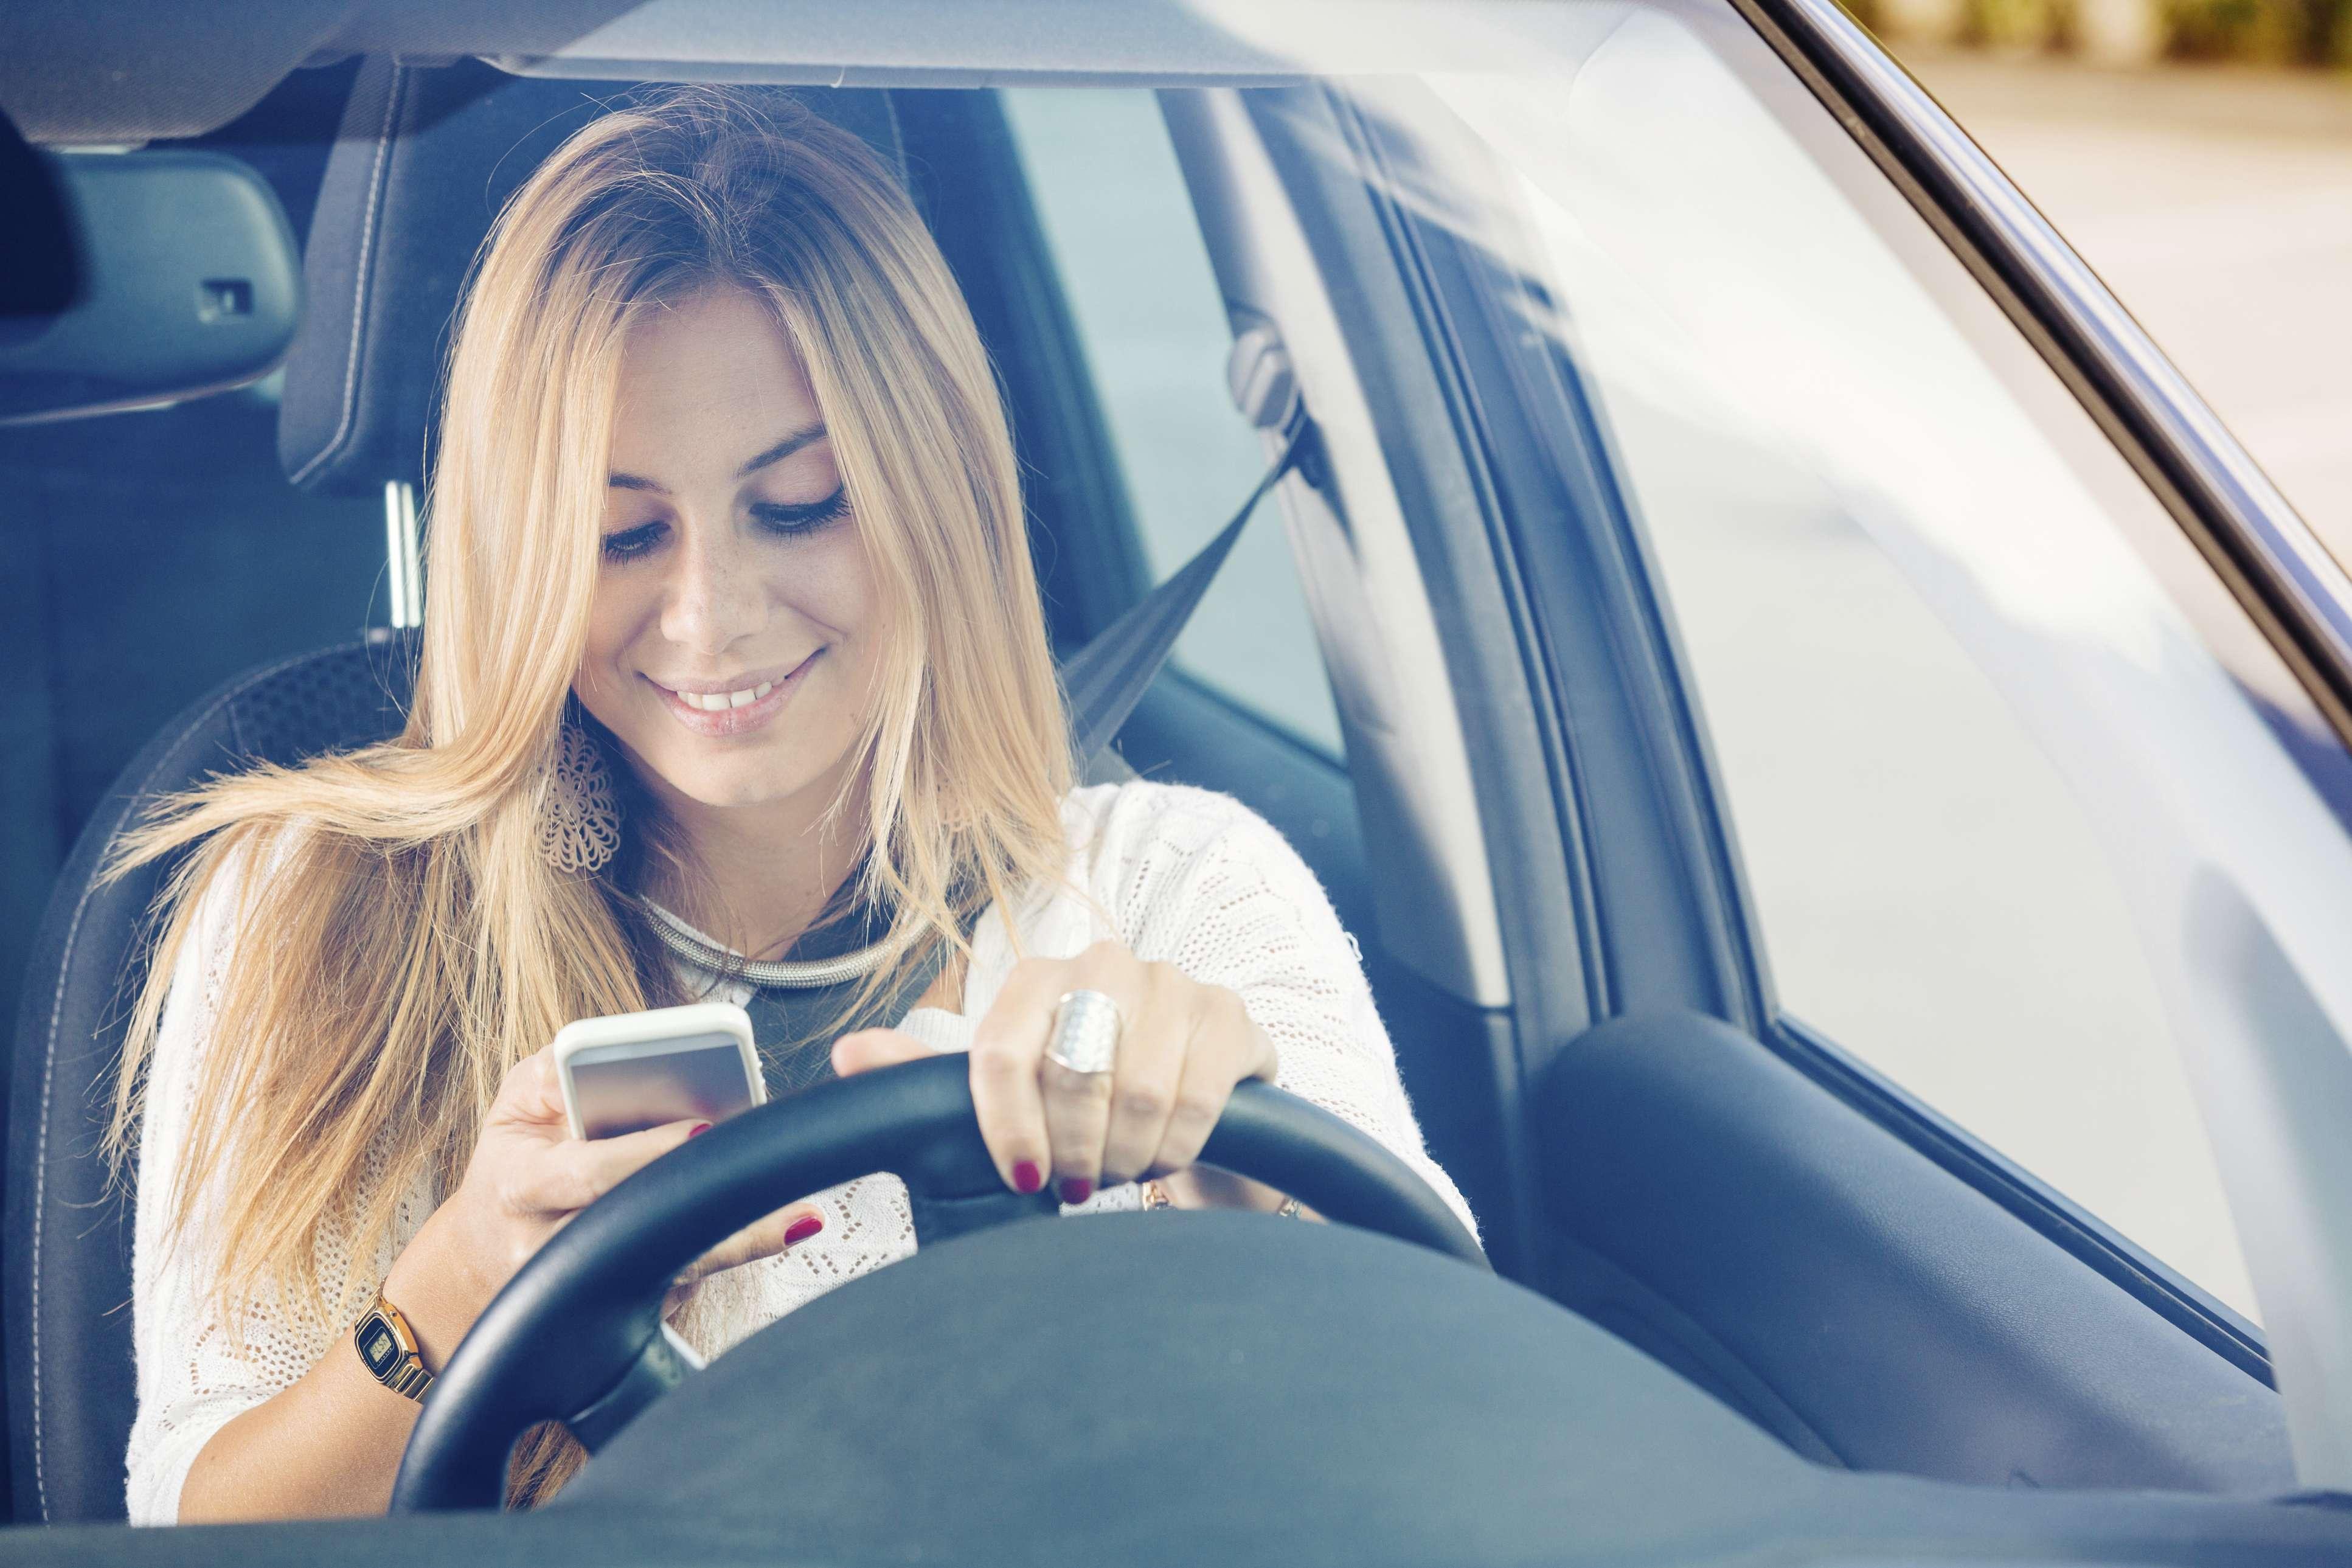 Un segundo de distracción puede hacer que sufras un accidente. No uses el celular mientras manejas. Foto: Thinkstock.com